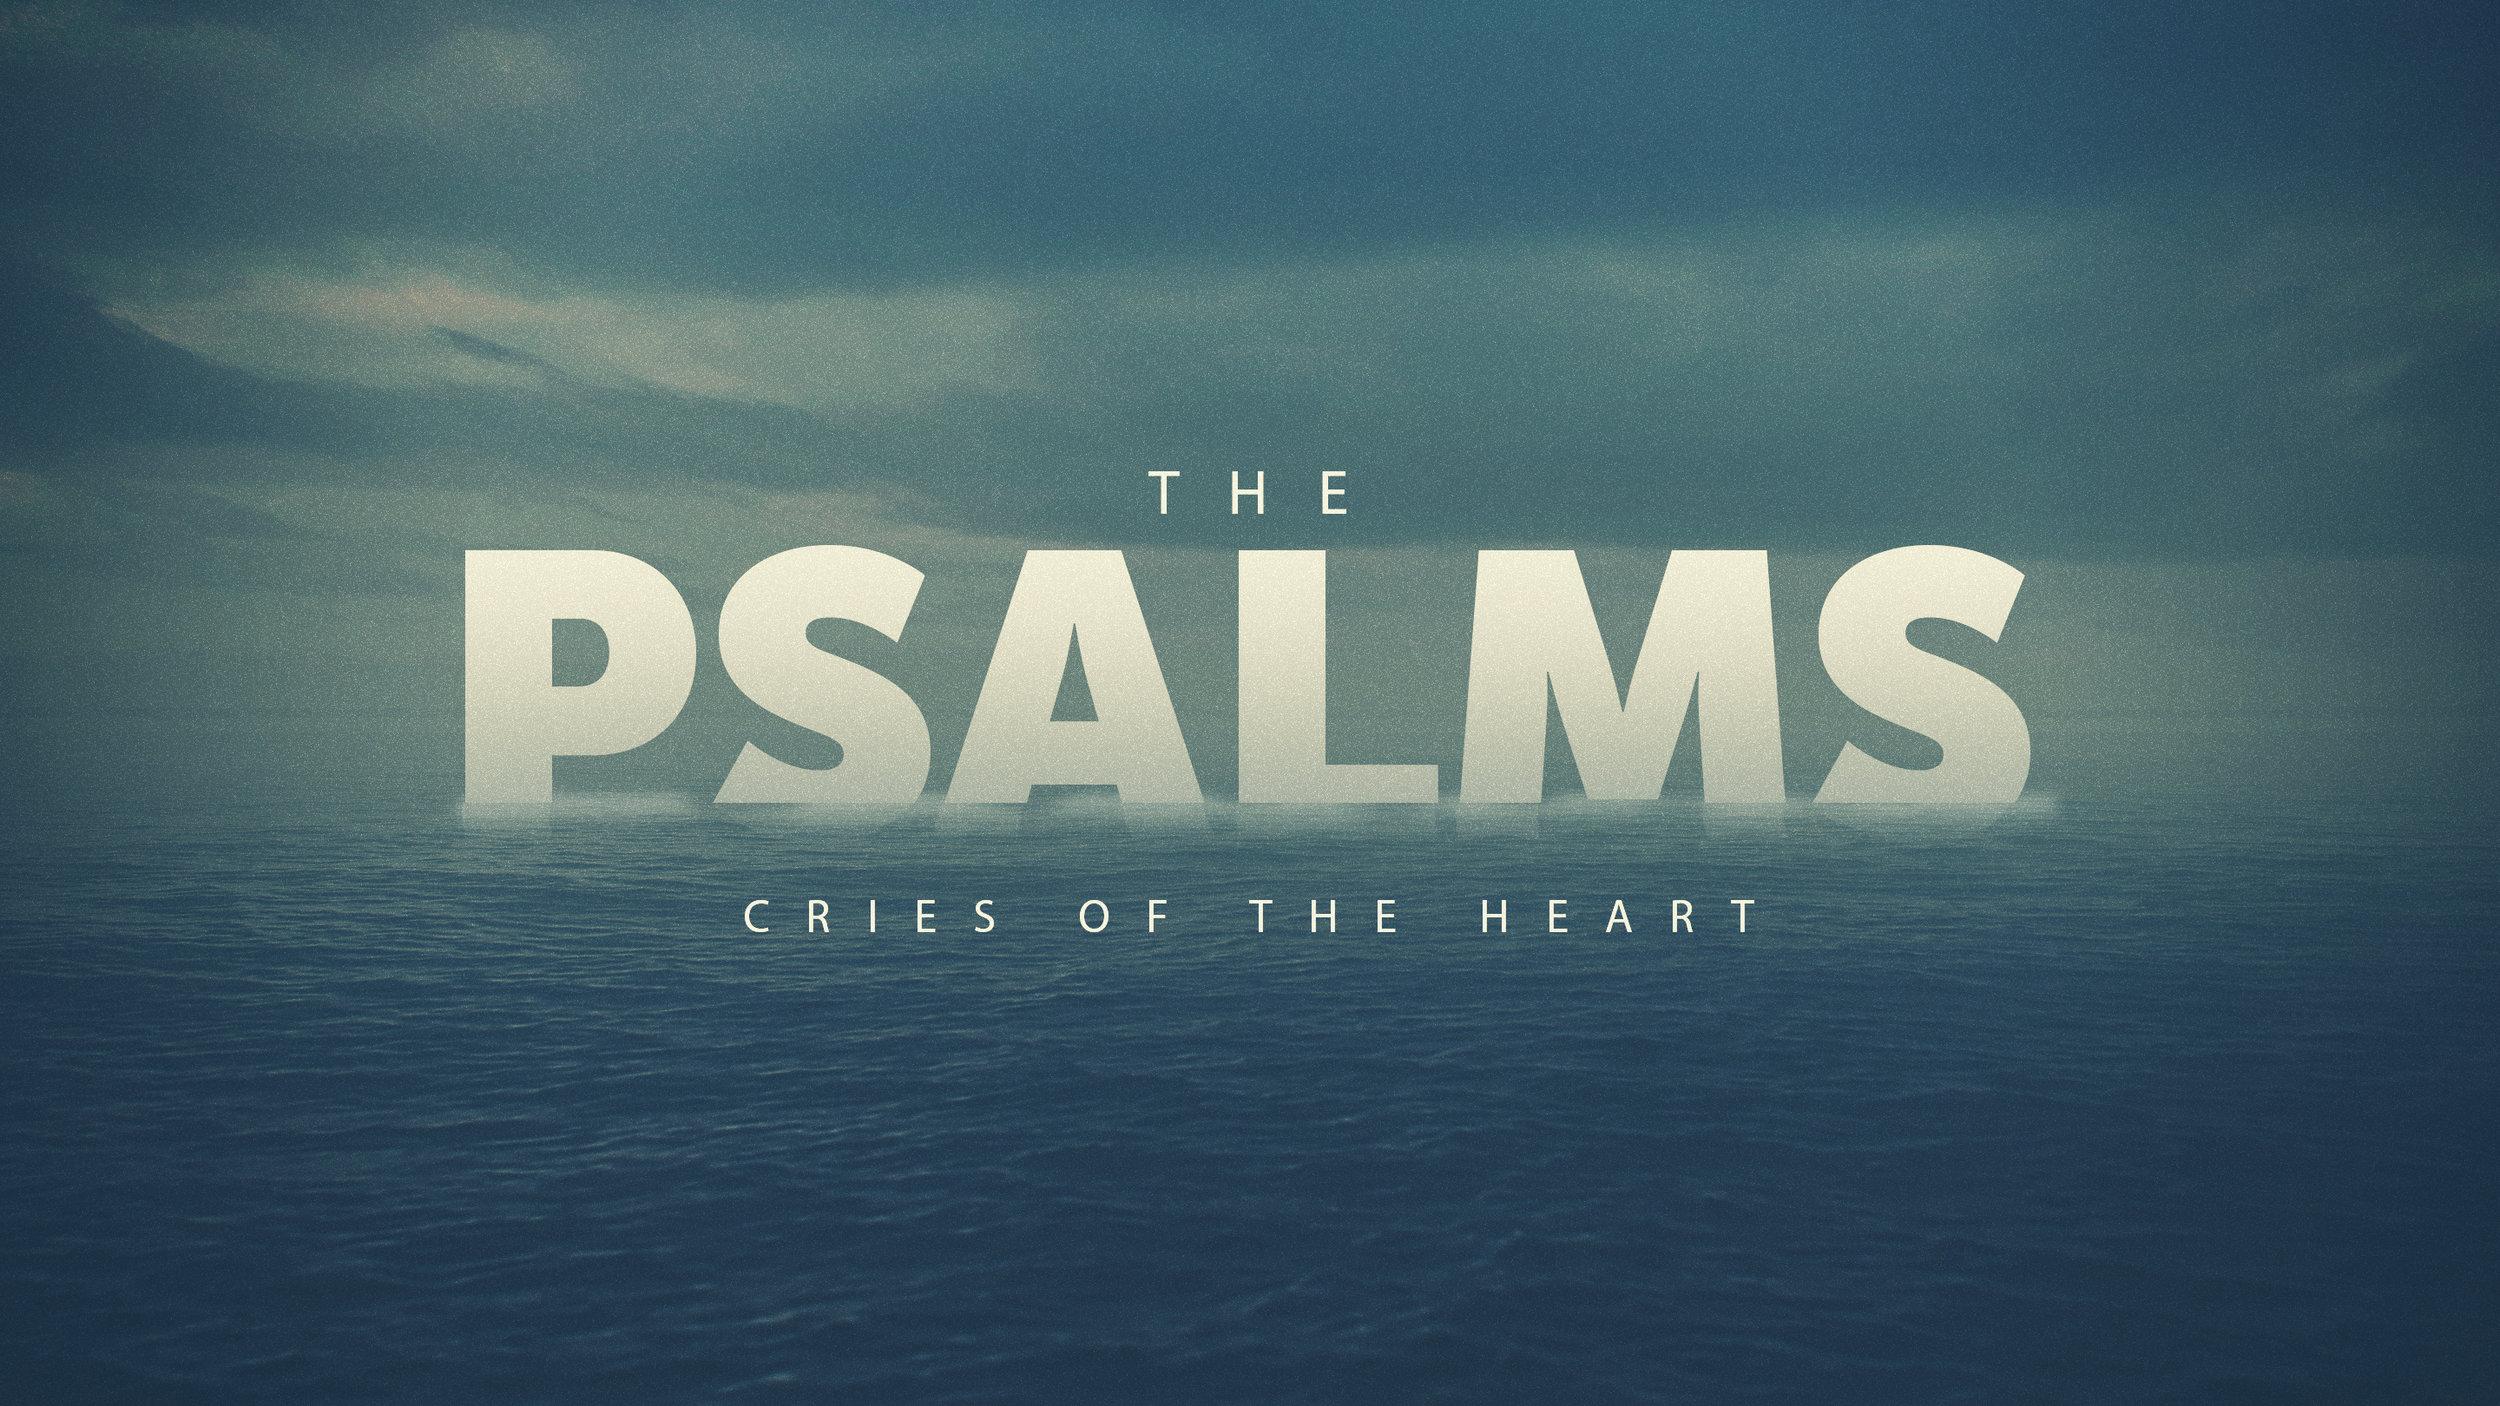 PSALMS_titleslide.jpg